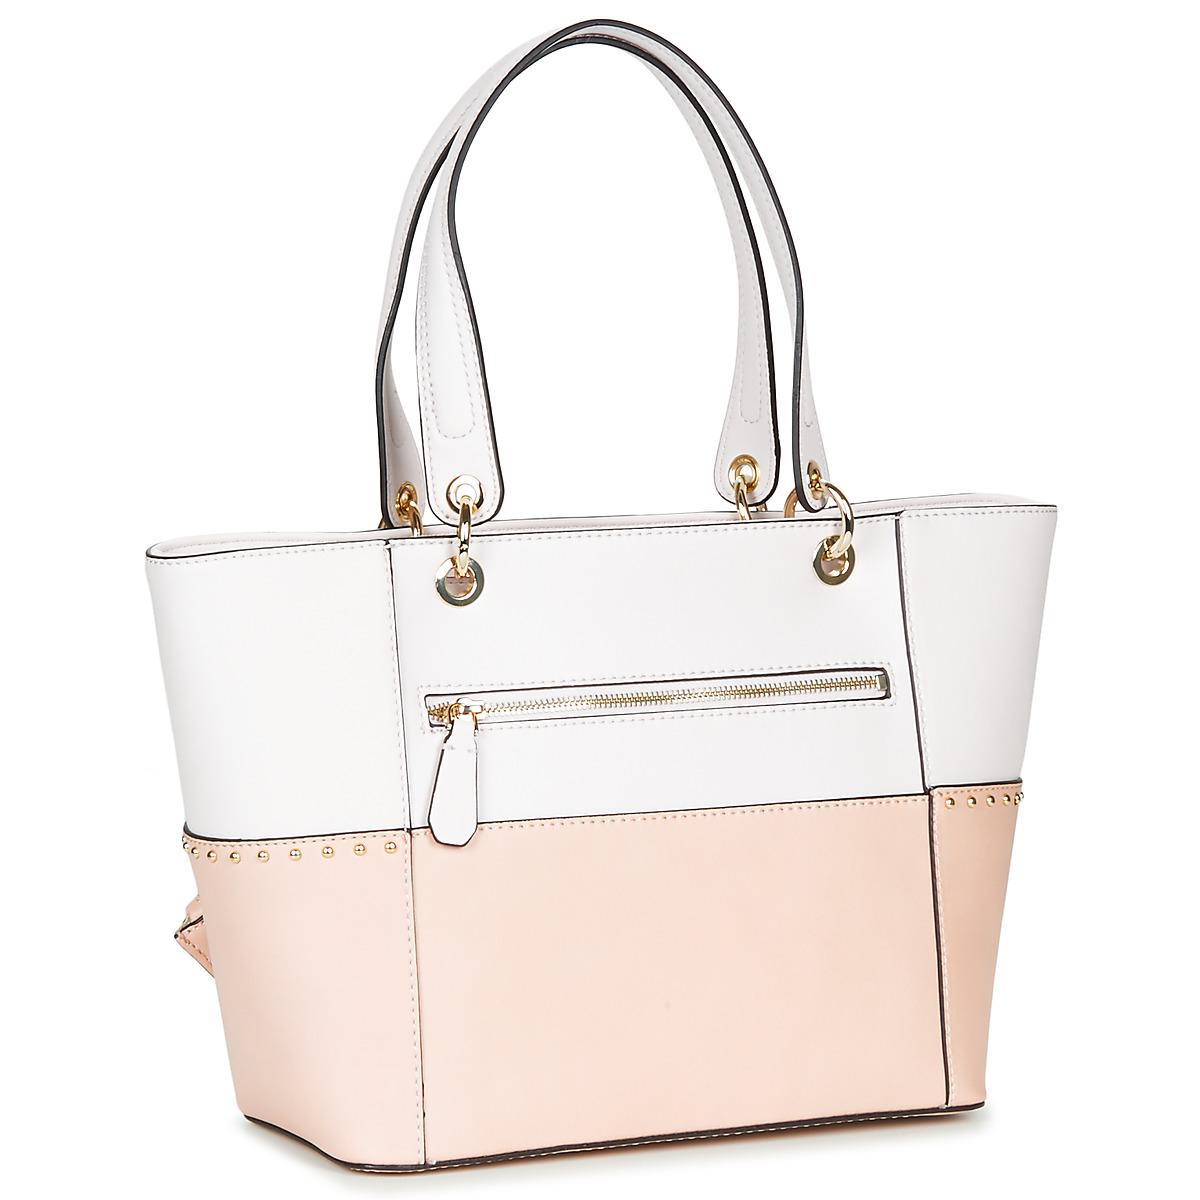 3f0b43aedd Borsa Shopping donna Guess KAMRYN TOTE Beige Sintetico 12783856 |  Spedizione Gratuita